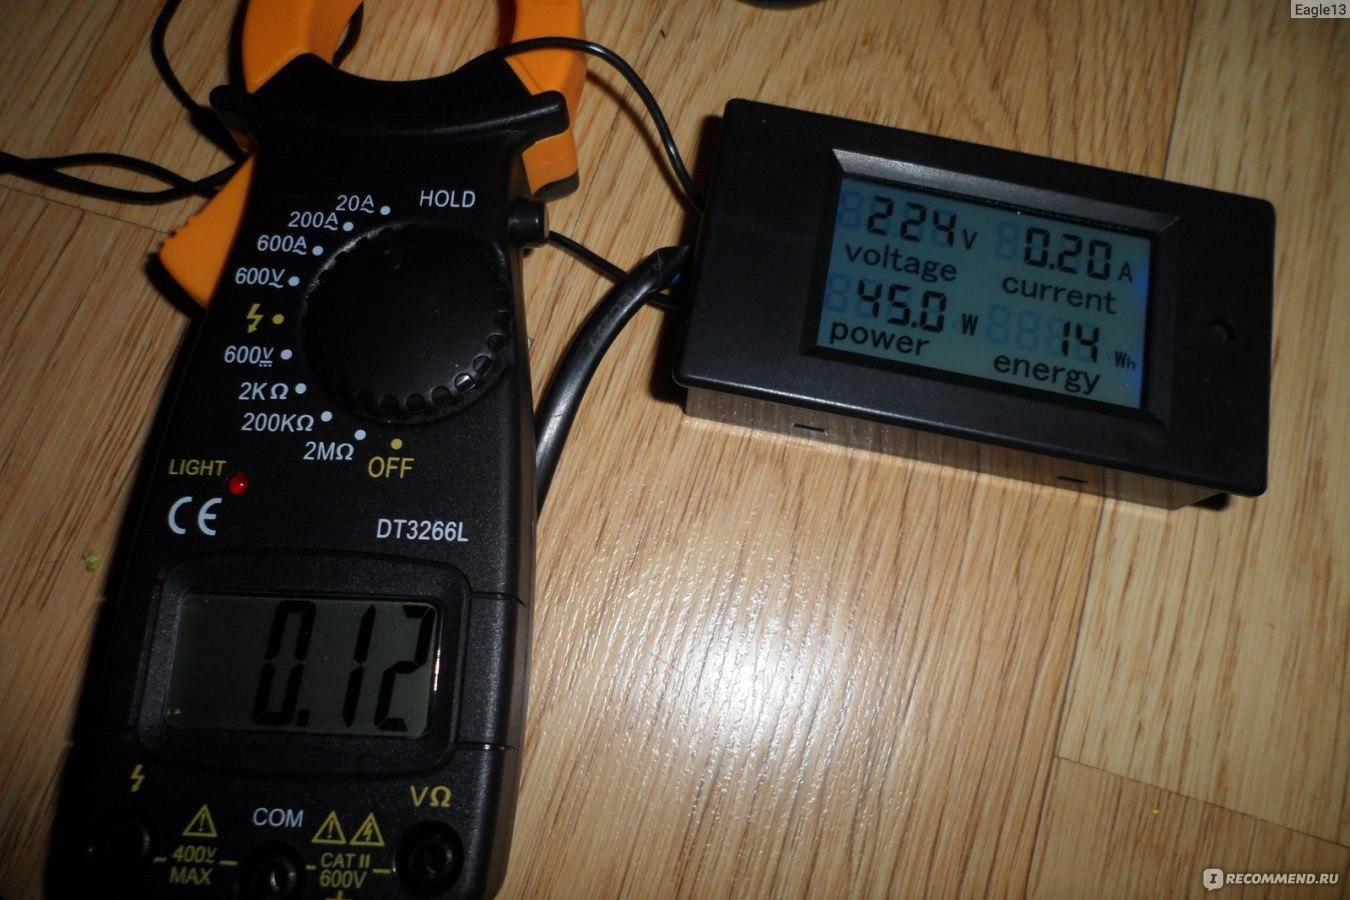 подробная инструкция по использованию цифрового мультиметра dt-8